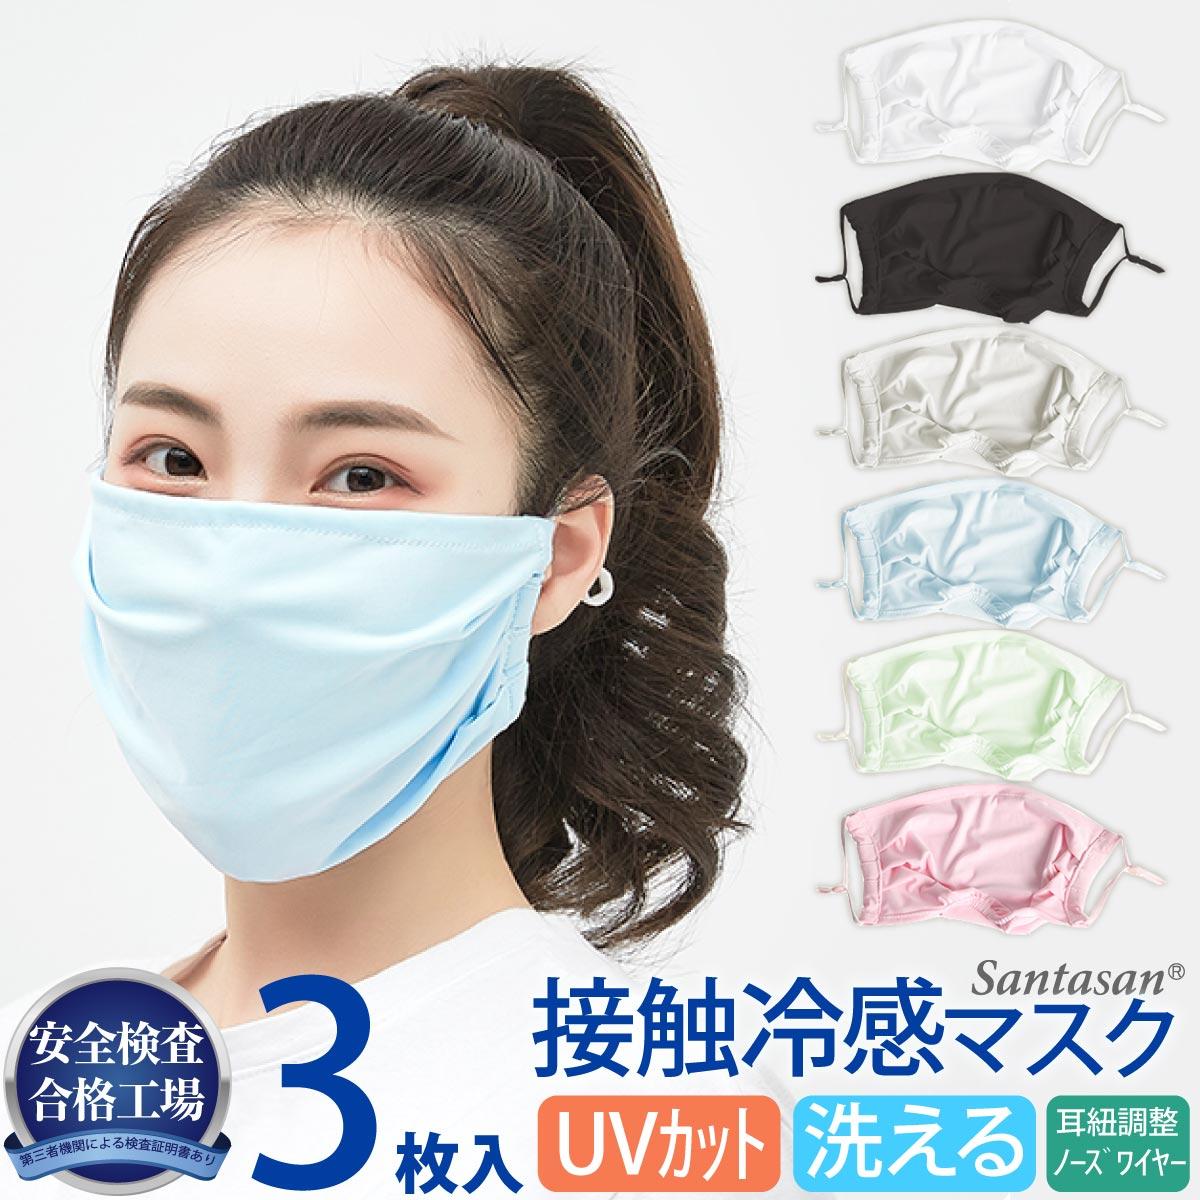 花粉 ウィルス対策 洗えるマスク ふつうサイズ マスク 夏用 日本製 3枚 秀逸 接触冷感 UVカット 布マスク 夏 蒸れない 冷感マスク 夏用マスク 大人用 涼しい ひんやり 立体マスク